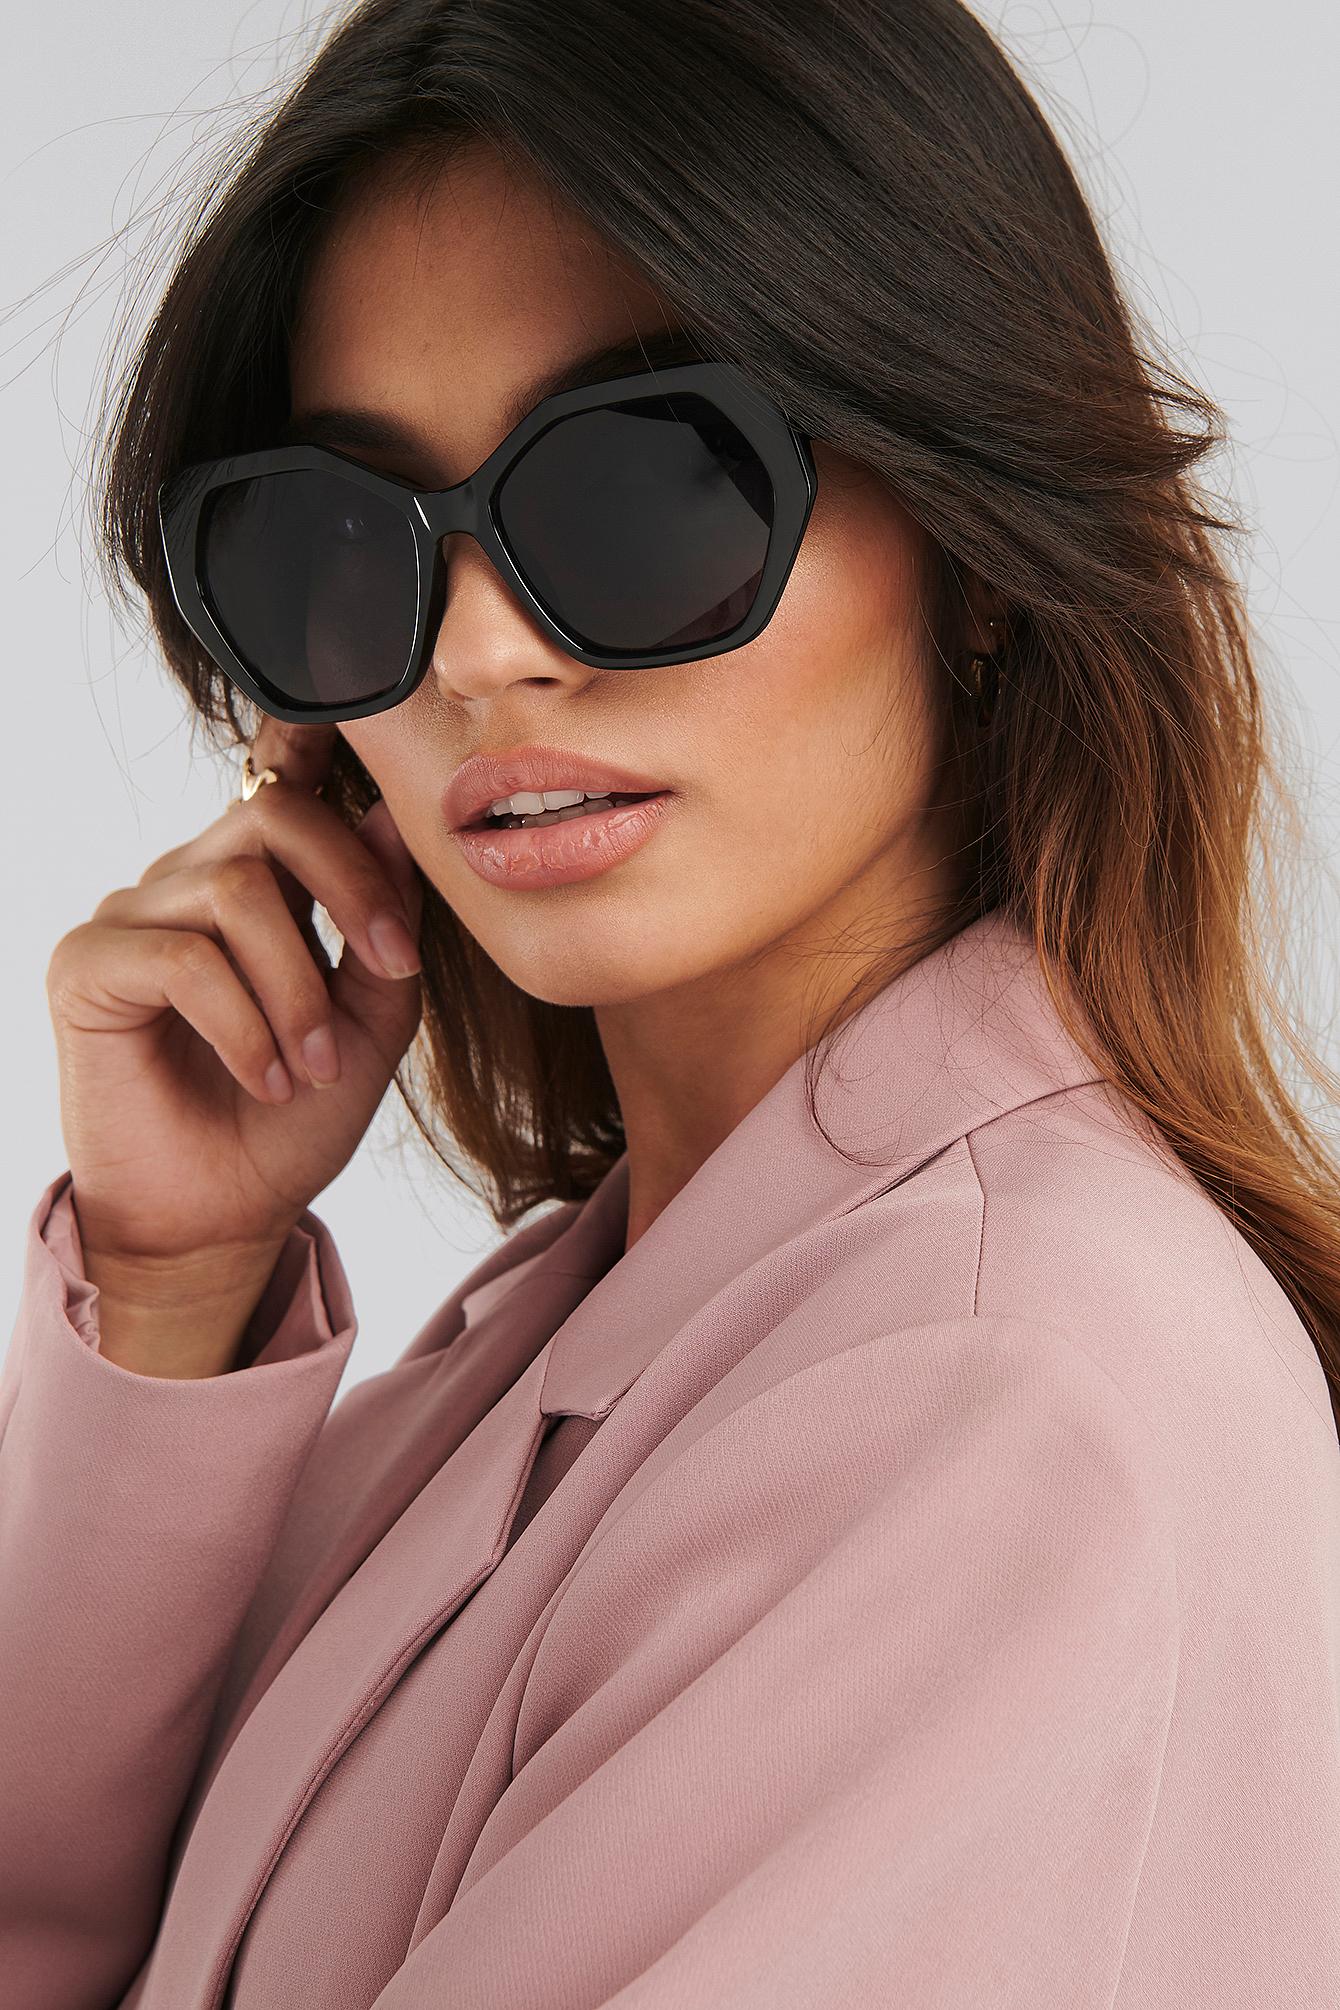 na-kd accessories -  Retro Octagon Sunglasses - Black